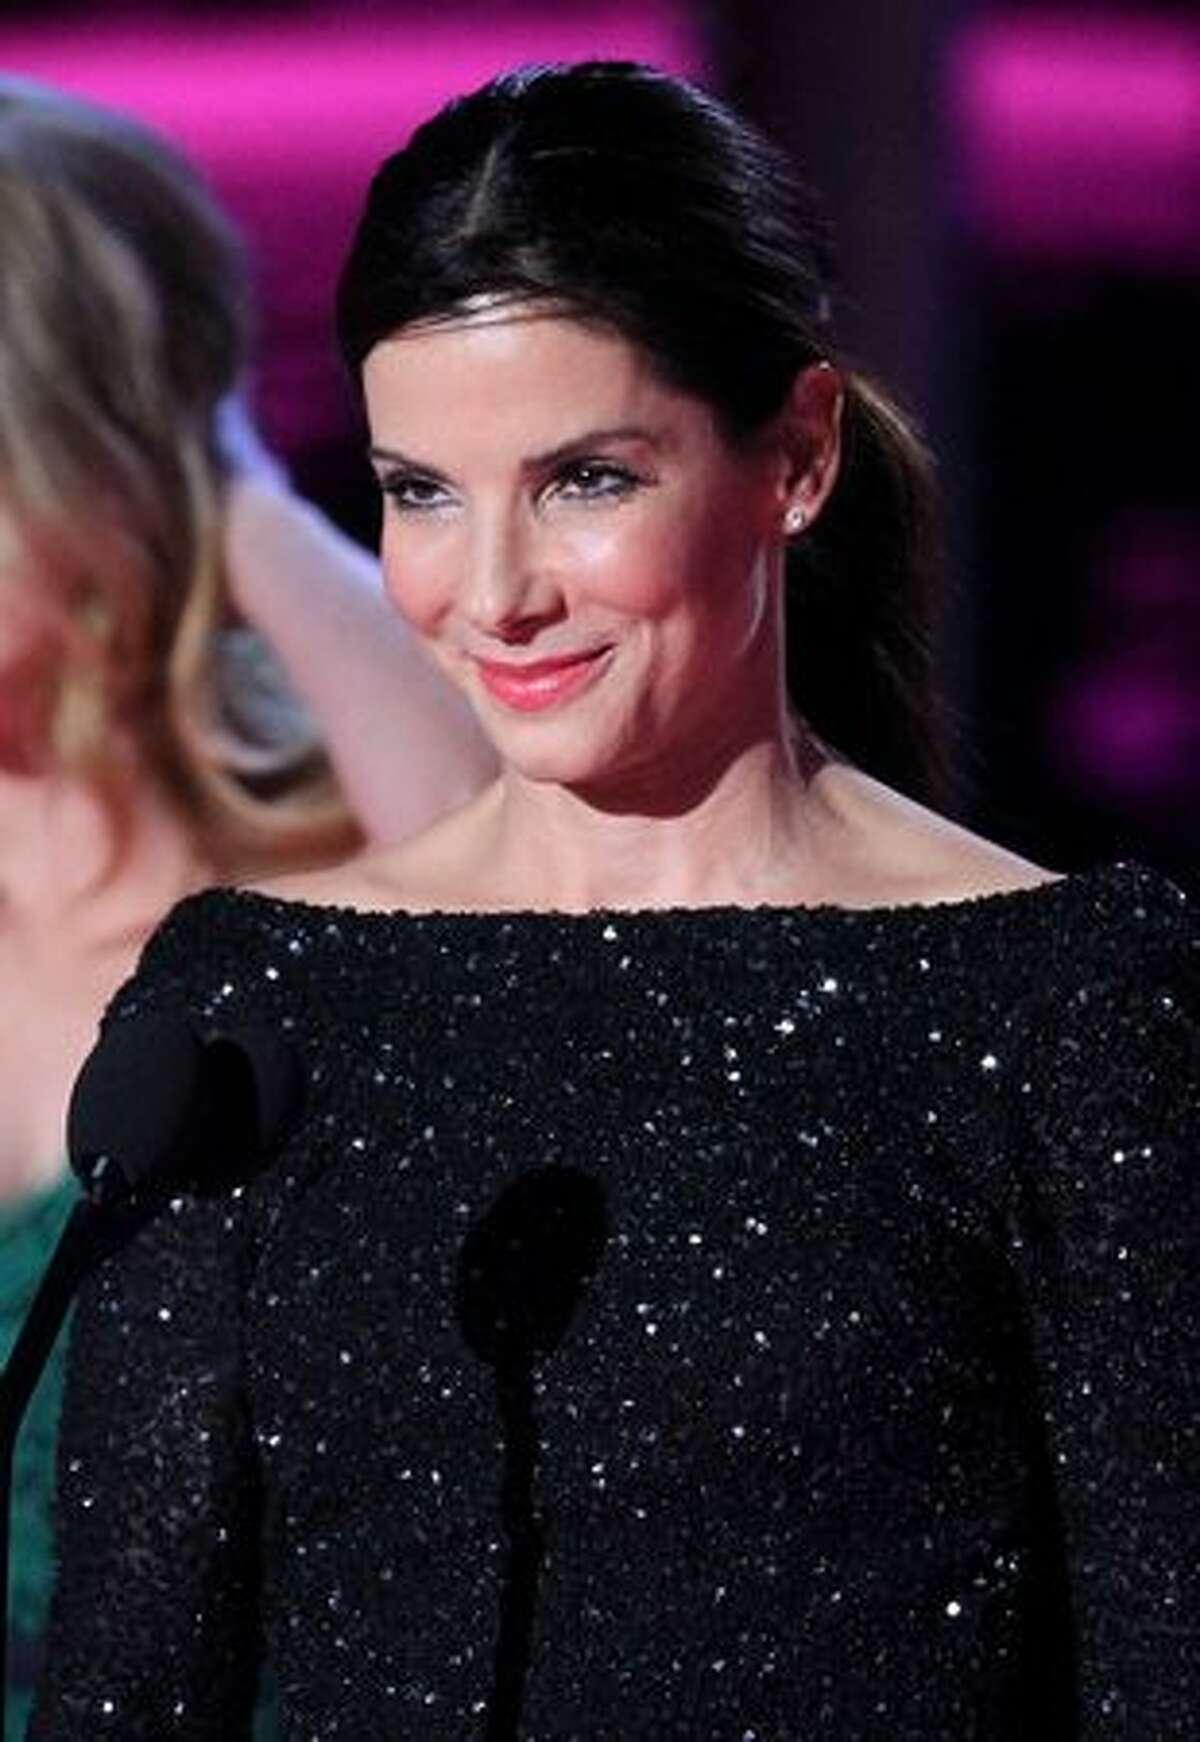 Sandra Bullock, June 6, 2010, age 45.